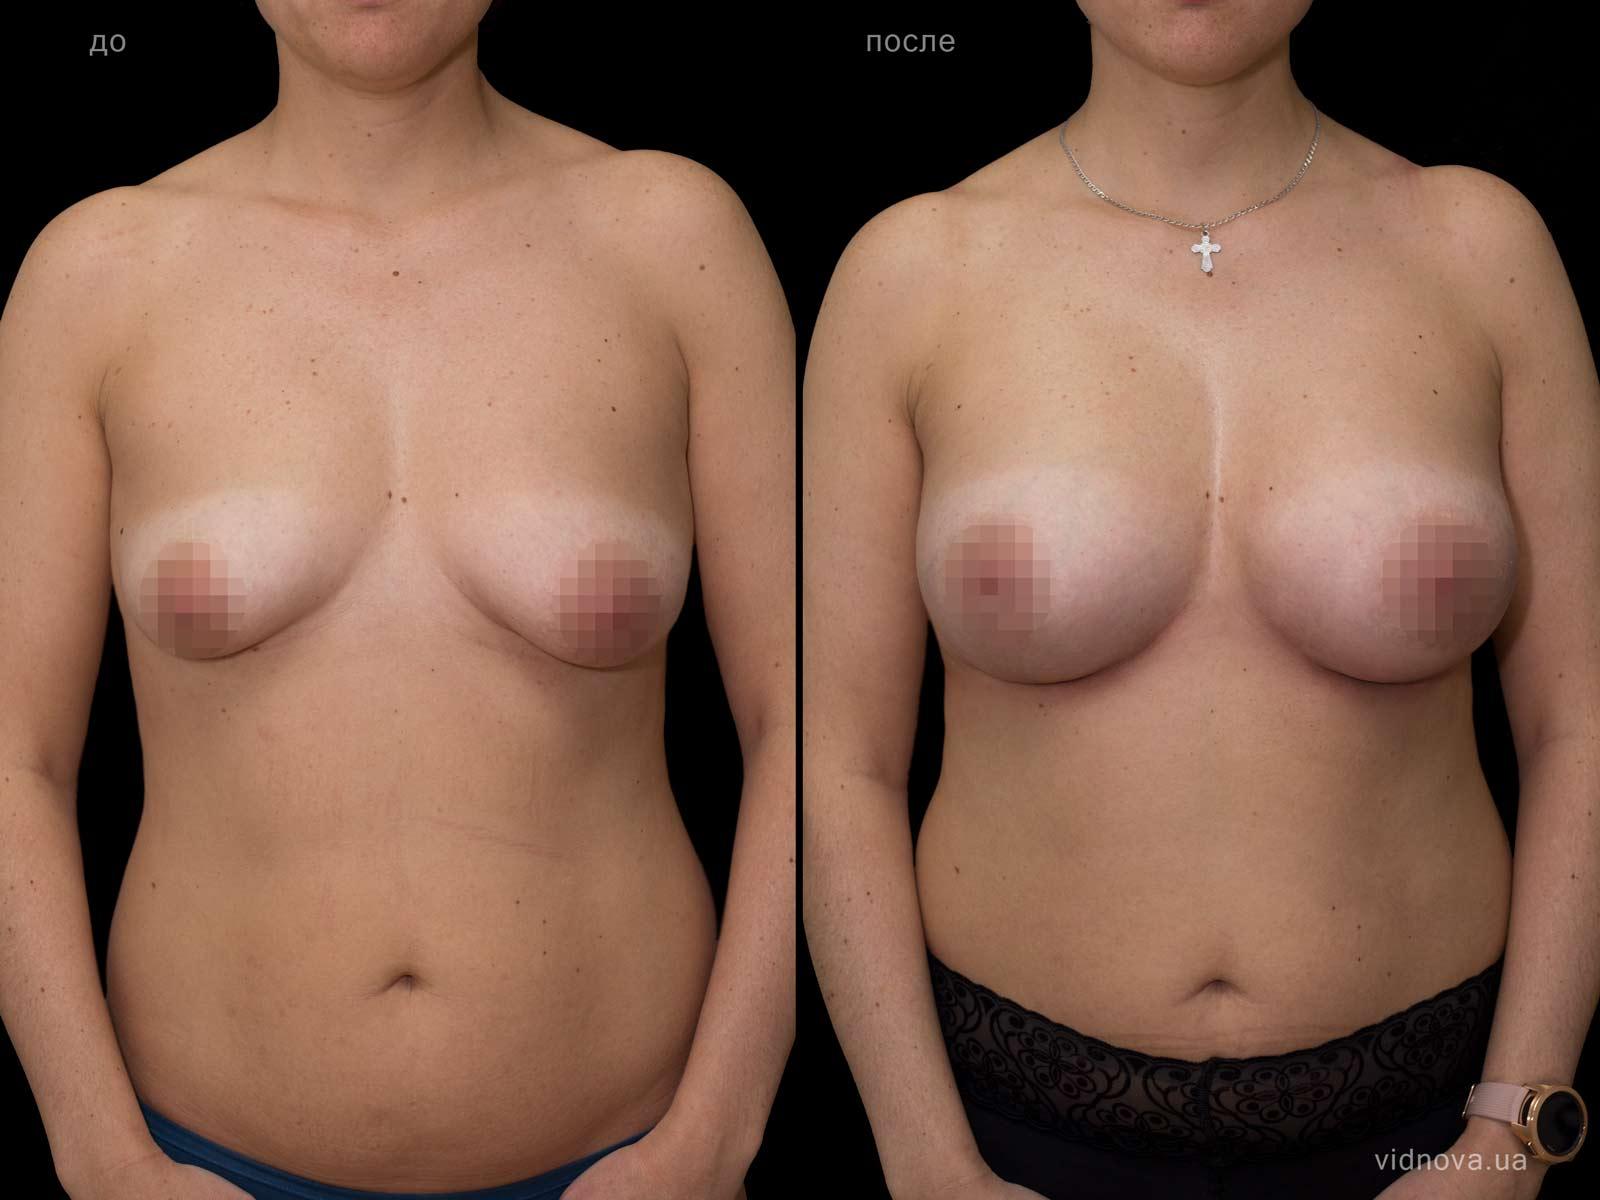 Пластика груди: результаты до и после - Пример №68-0 - Светлана Работенко